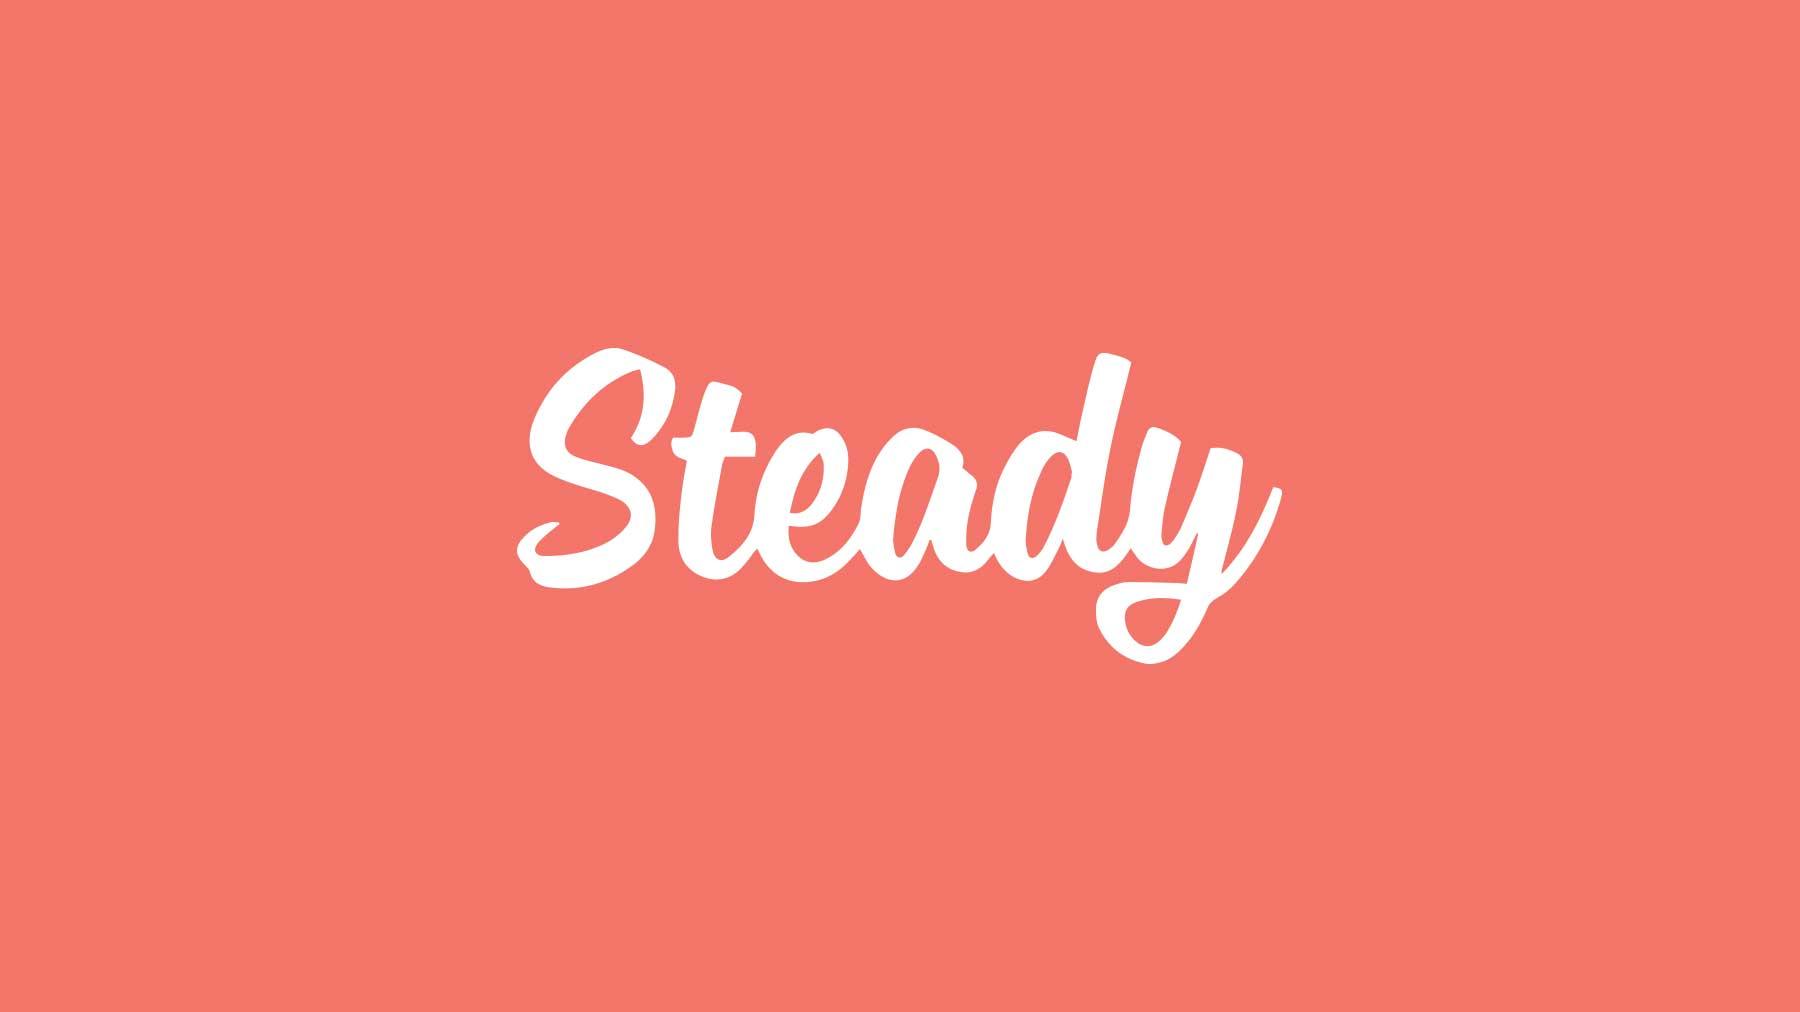 Ihr könnt LangweileDich.net ab sofort auf Steady unterstützen Steady-blog